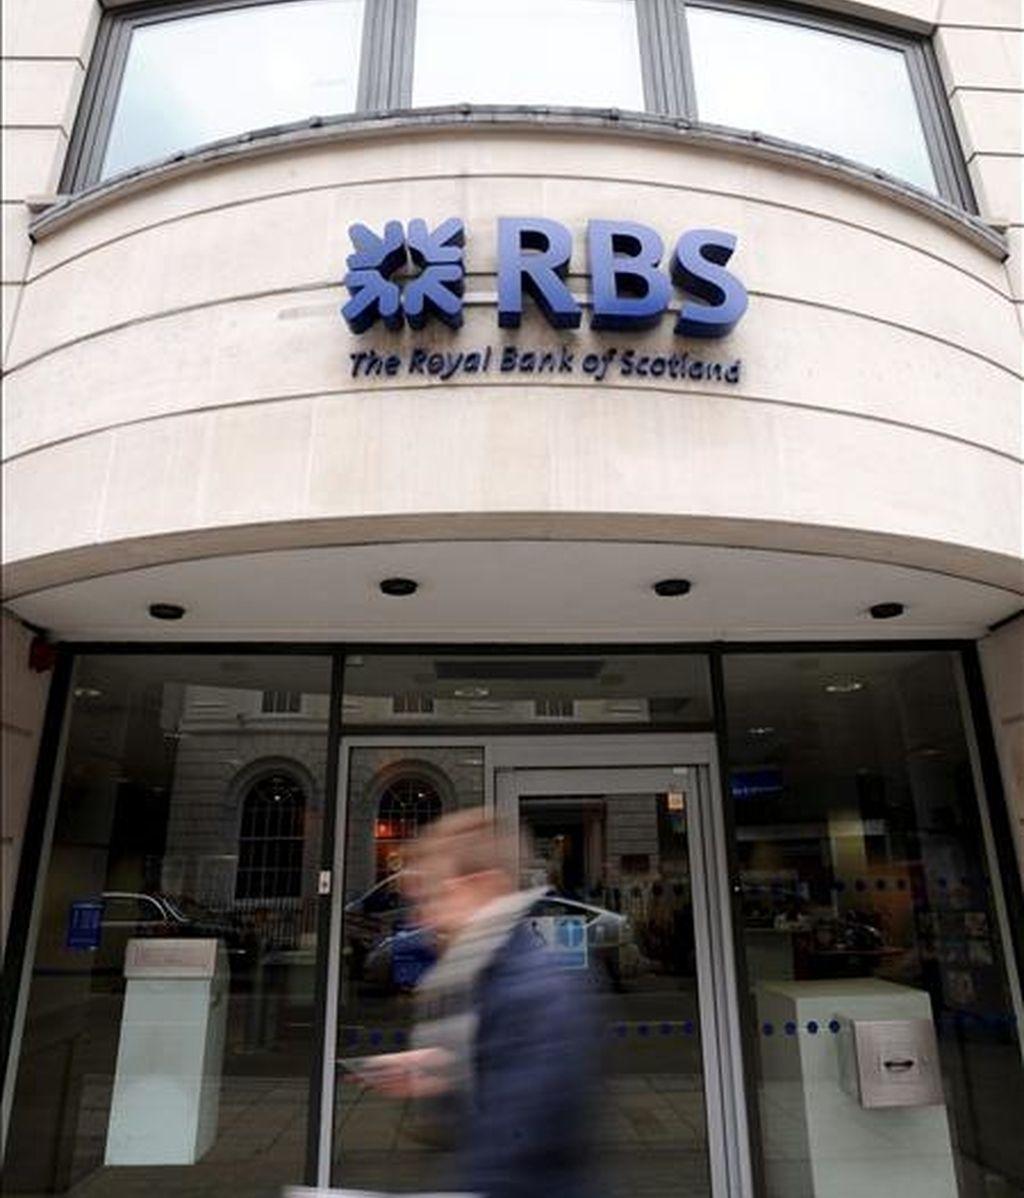 Un hombre pasa delante de una sucursal del Royal Bank of Scotland (RBS) en Londres. EFE/Archivo